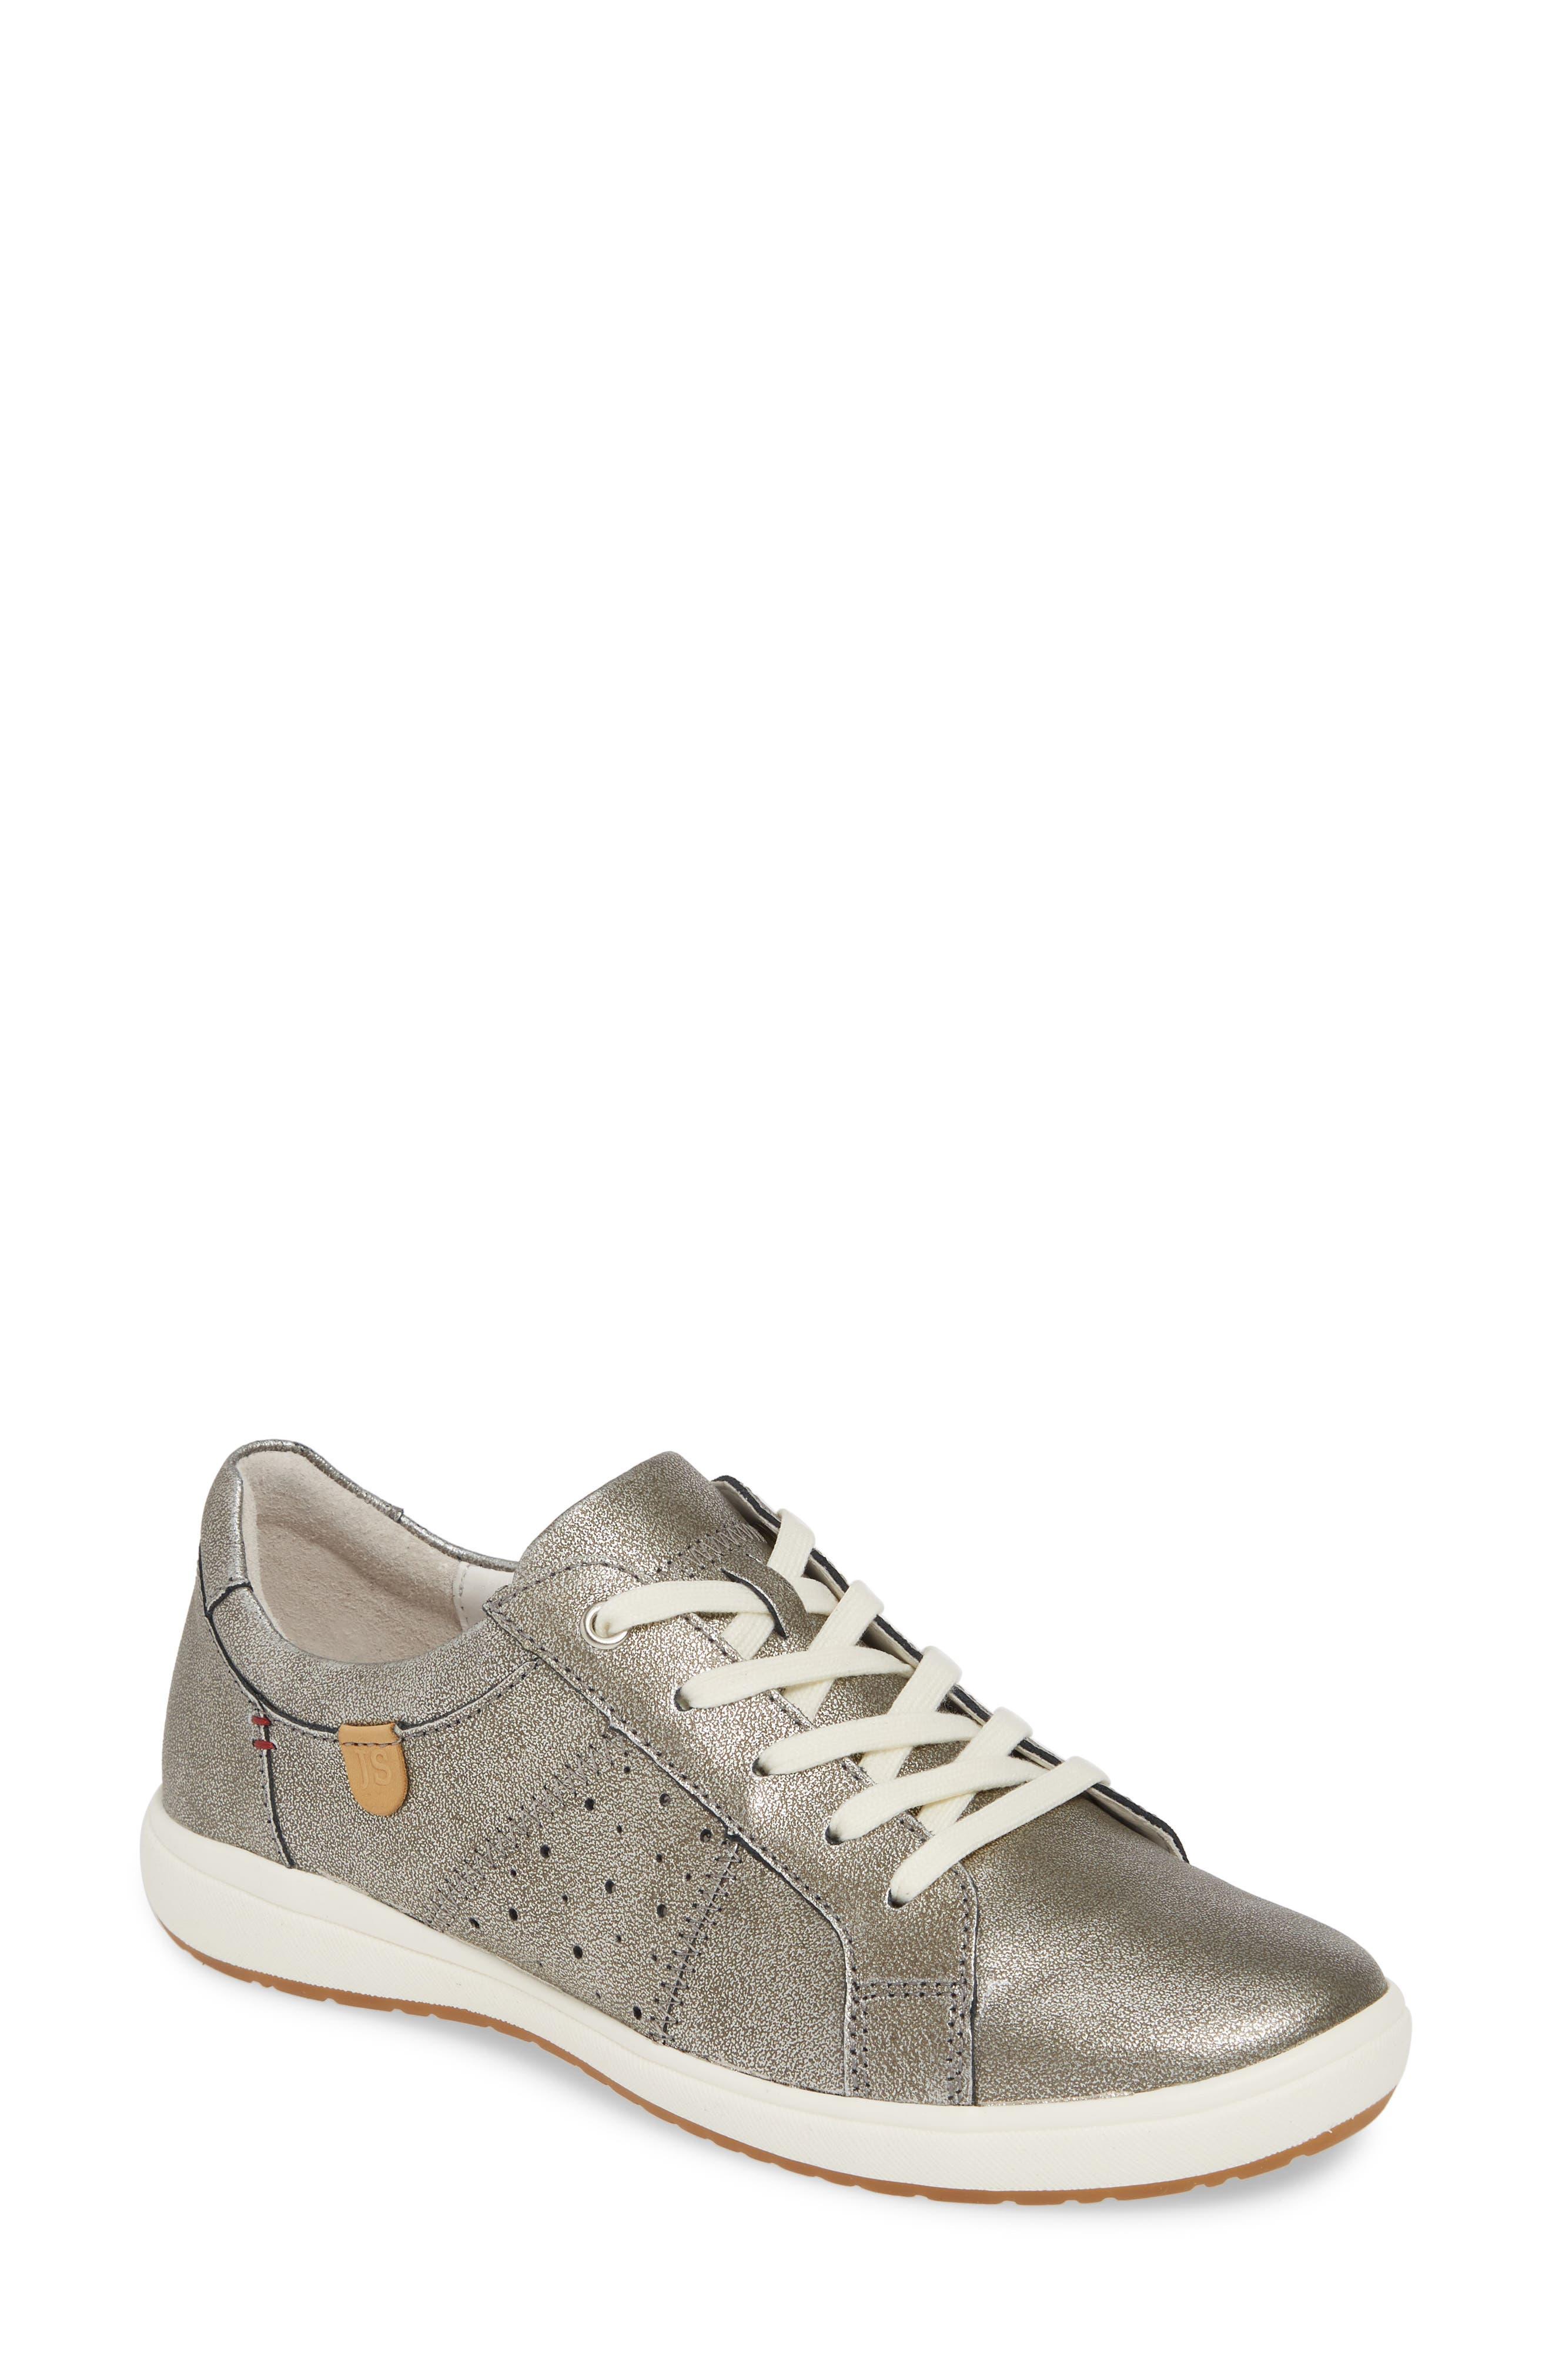 Women's Josef Seibel Sneakers